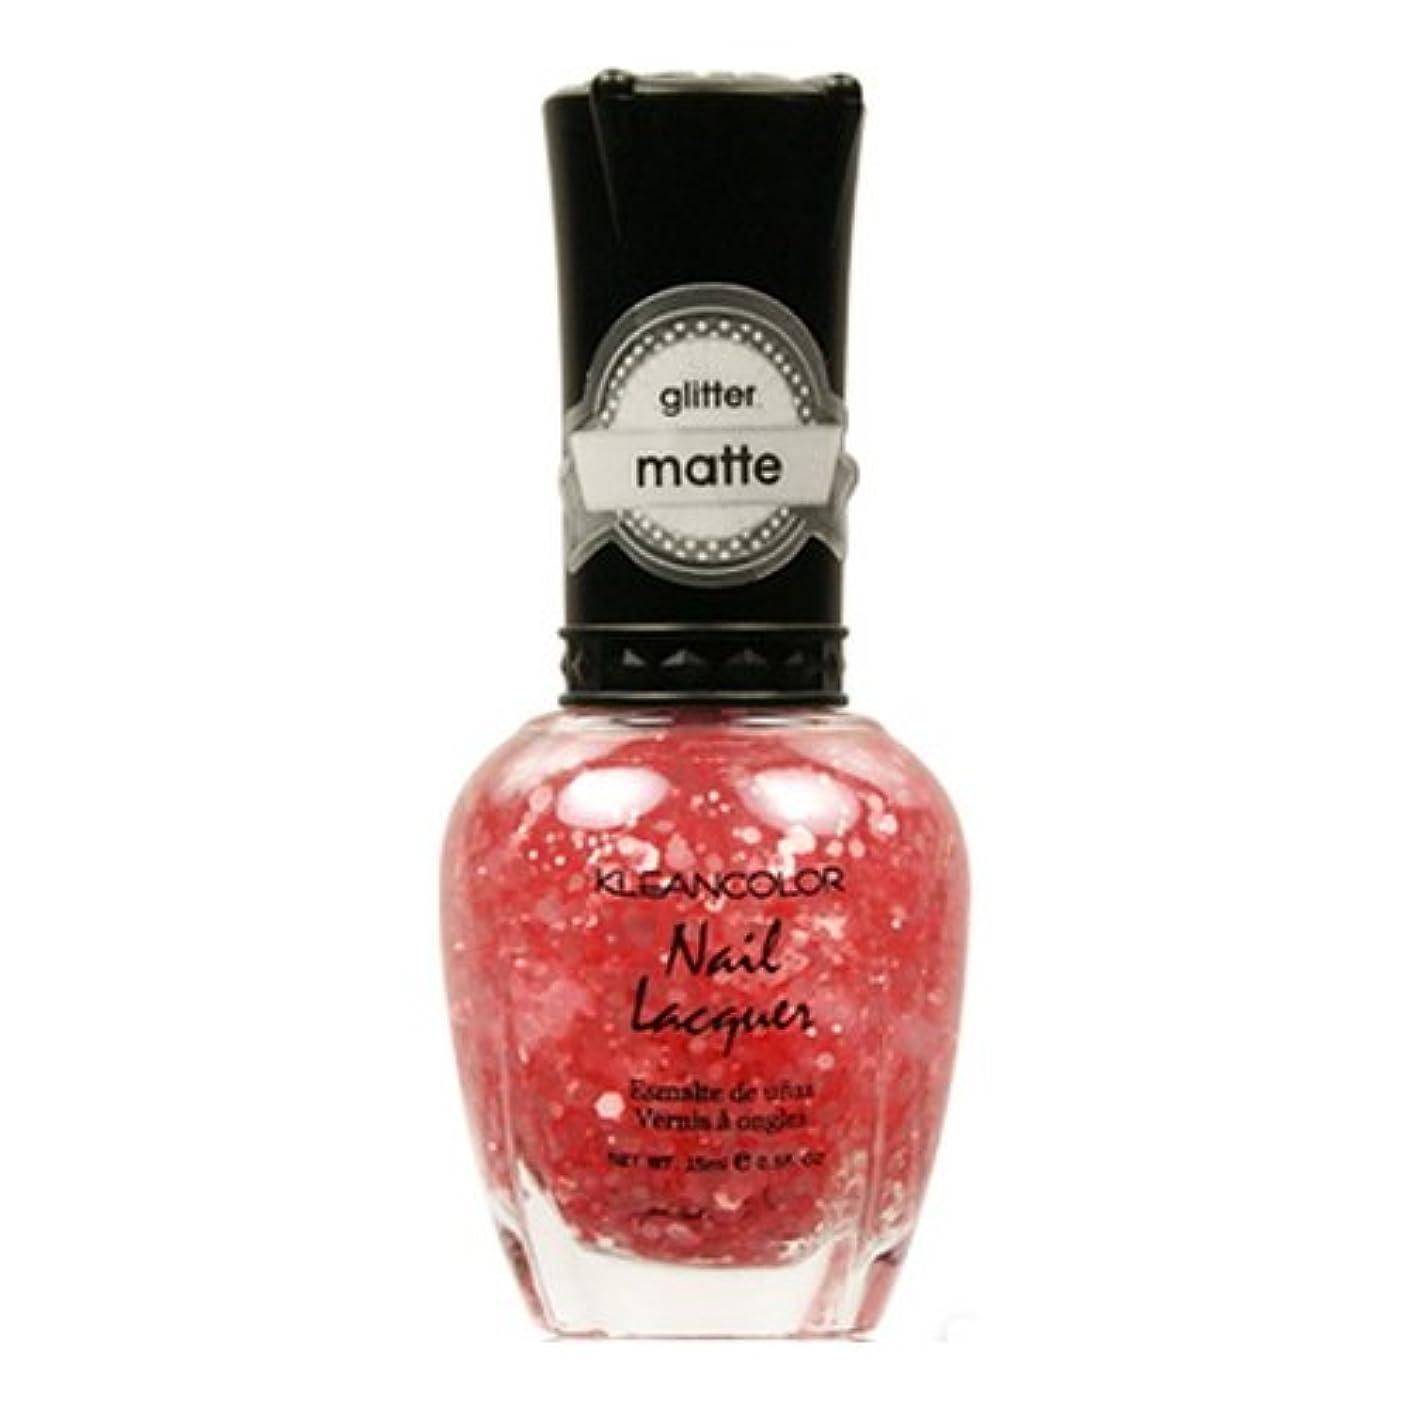 枯渇するの間に最後のKLEANCOLOR Glitter Matte Nail Lacquer - Blush Pink (並行輸入品)